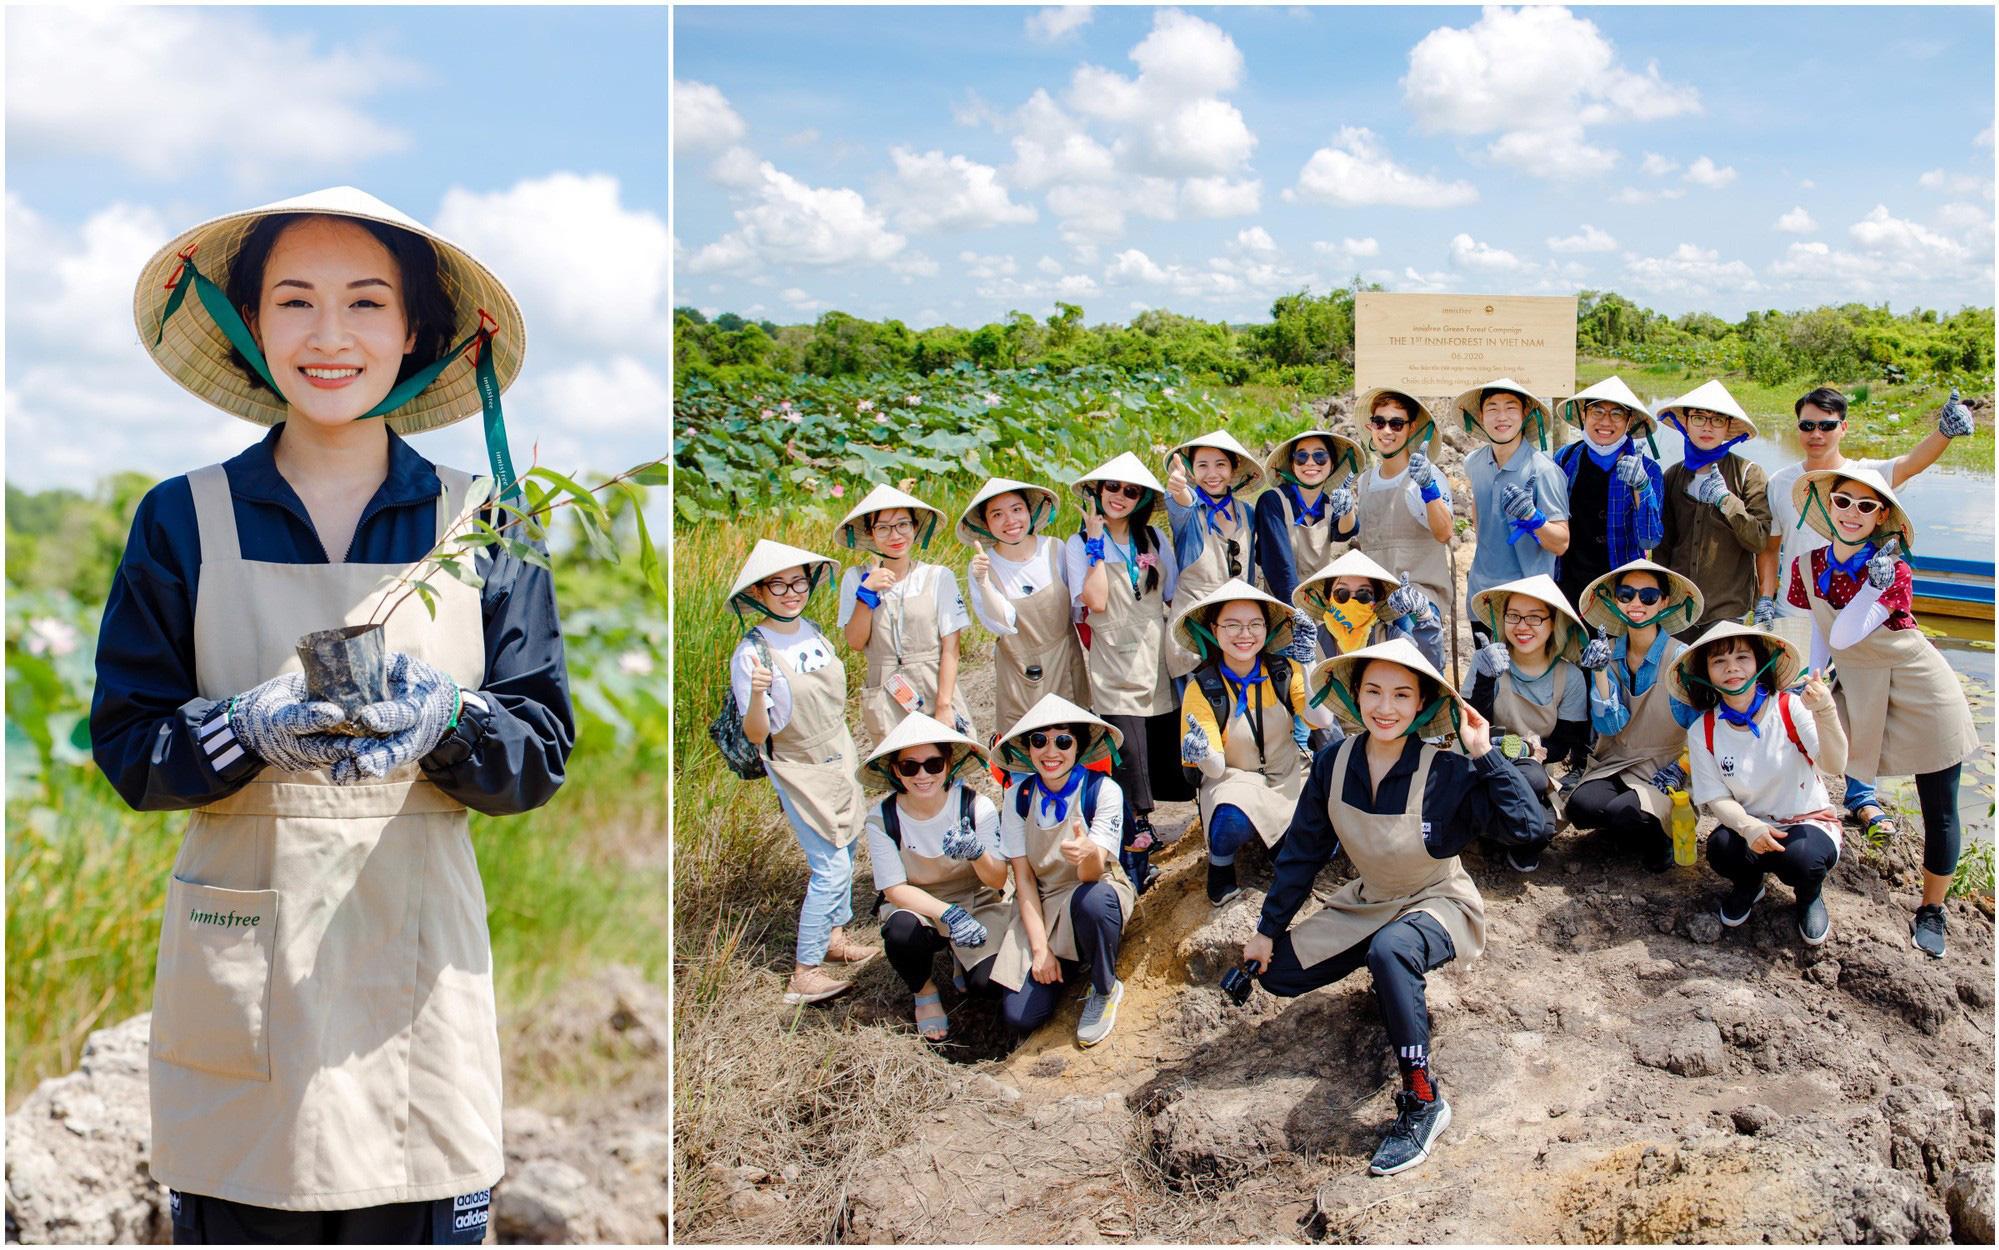 Lời hứa về cây xanh của innisfree: Từ một cái cây dưới tán rừng Gotjawal, đảo Jeju lan thành 138,300 cây trên toàn thế giới